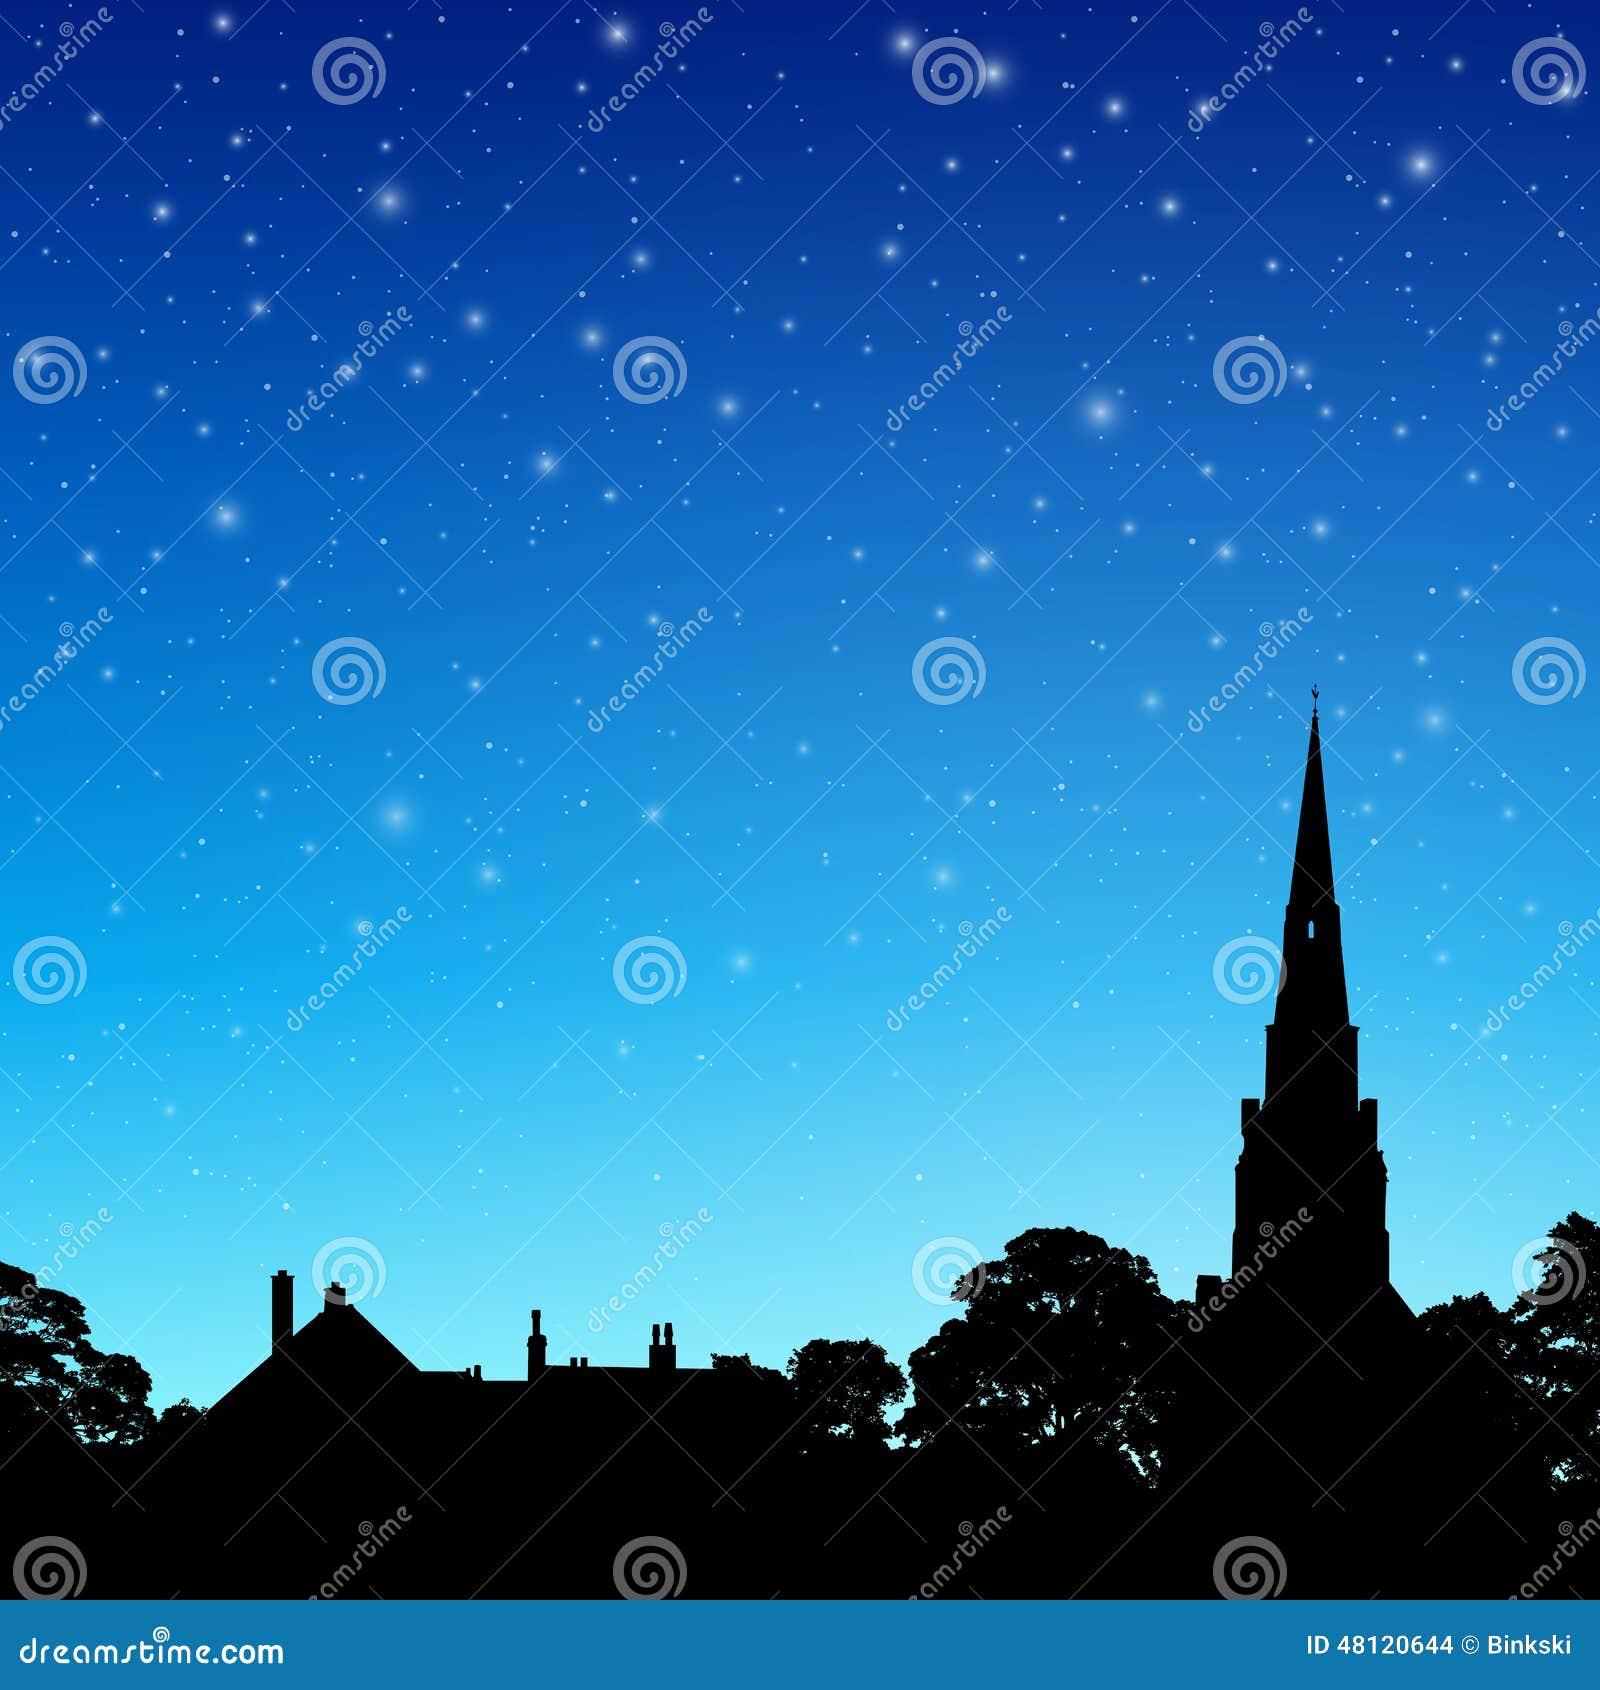 Kościelna iglica z nocnym niebem